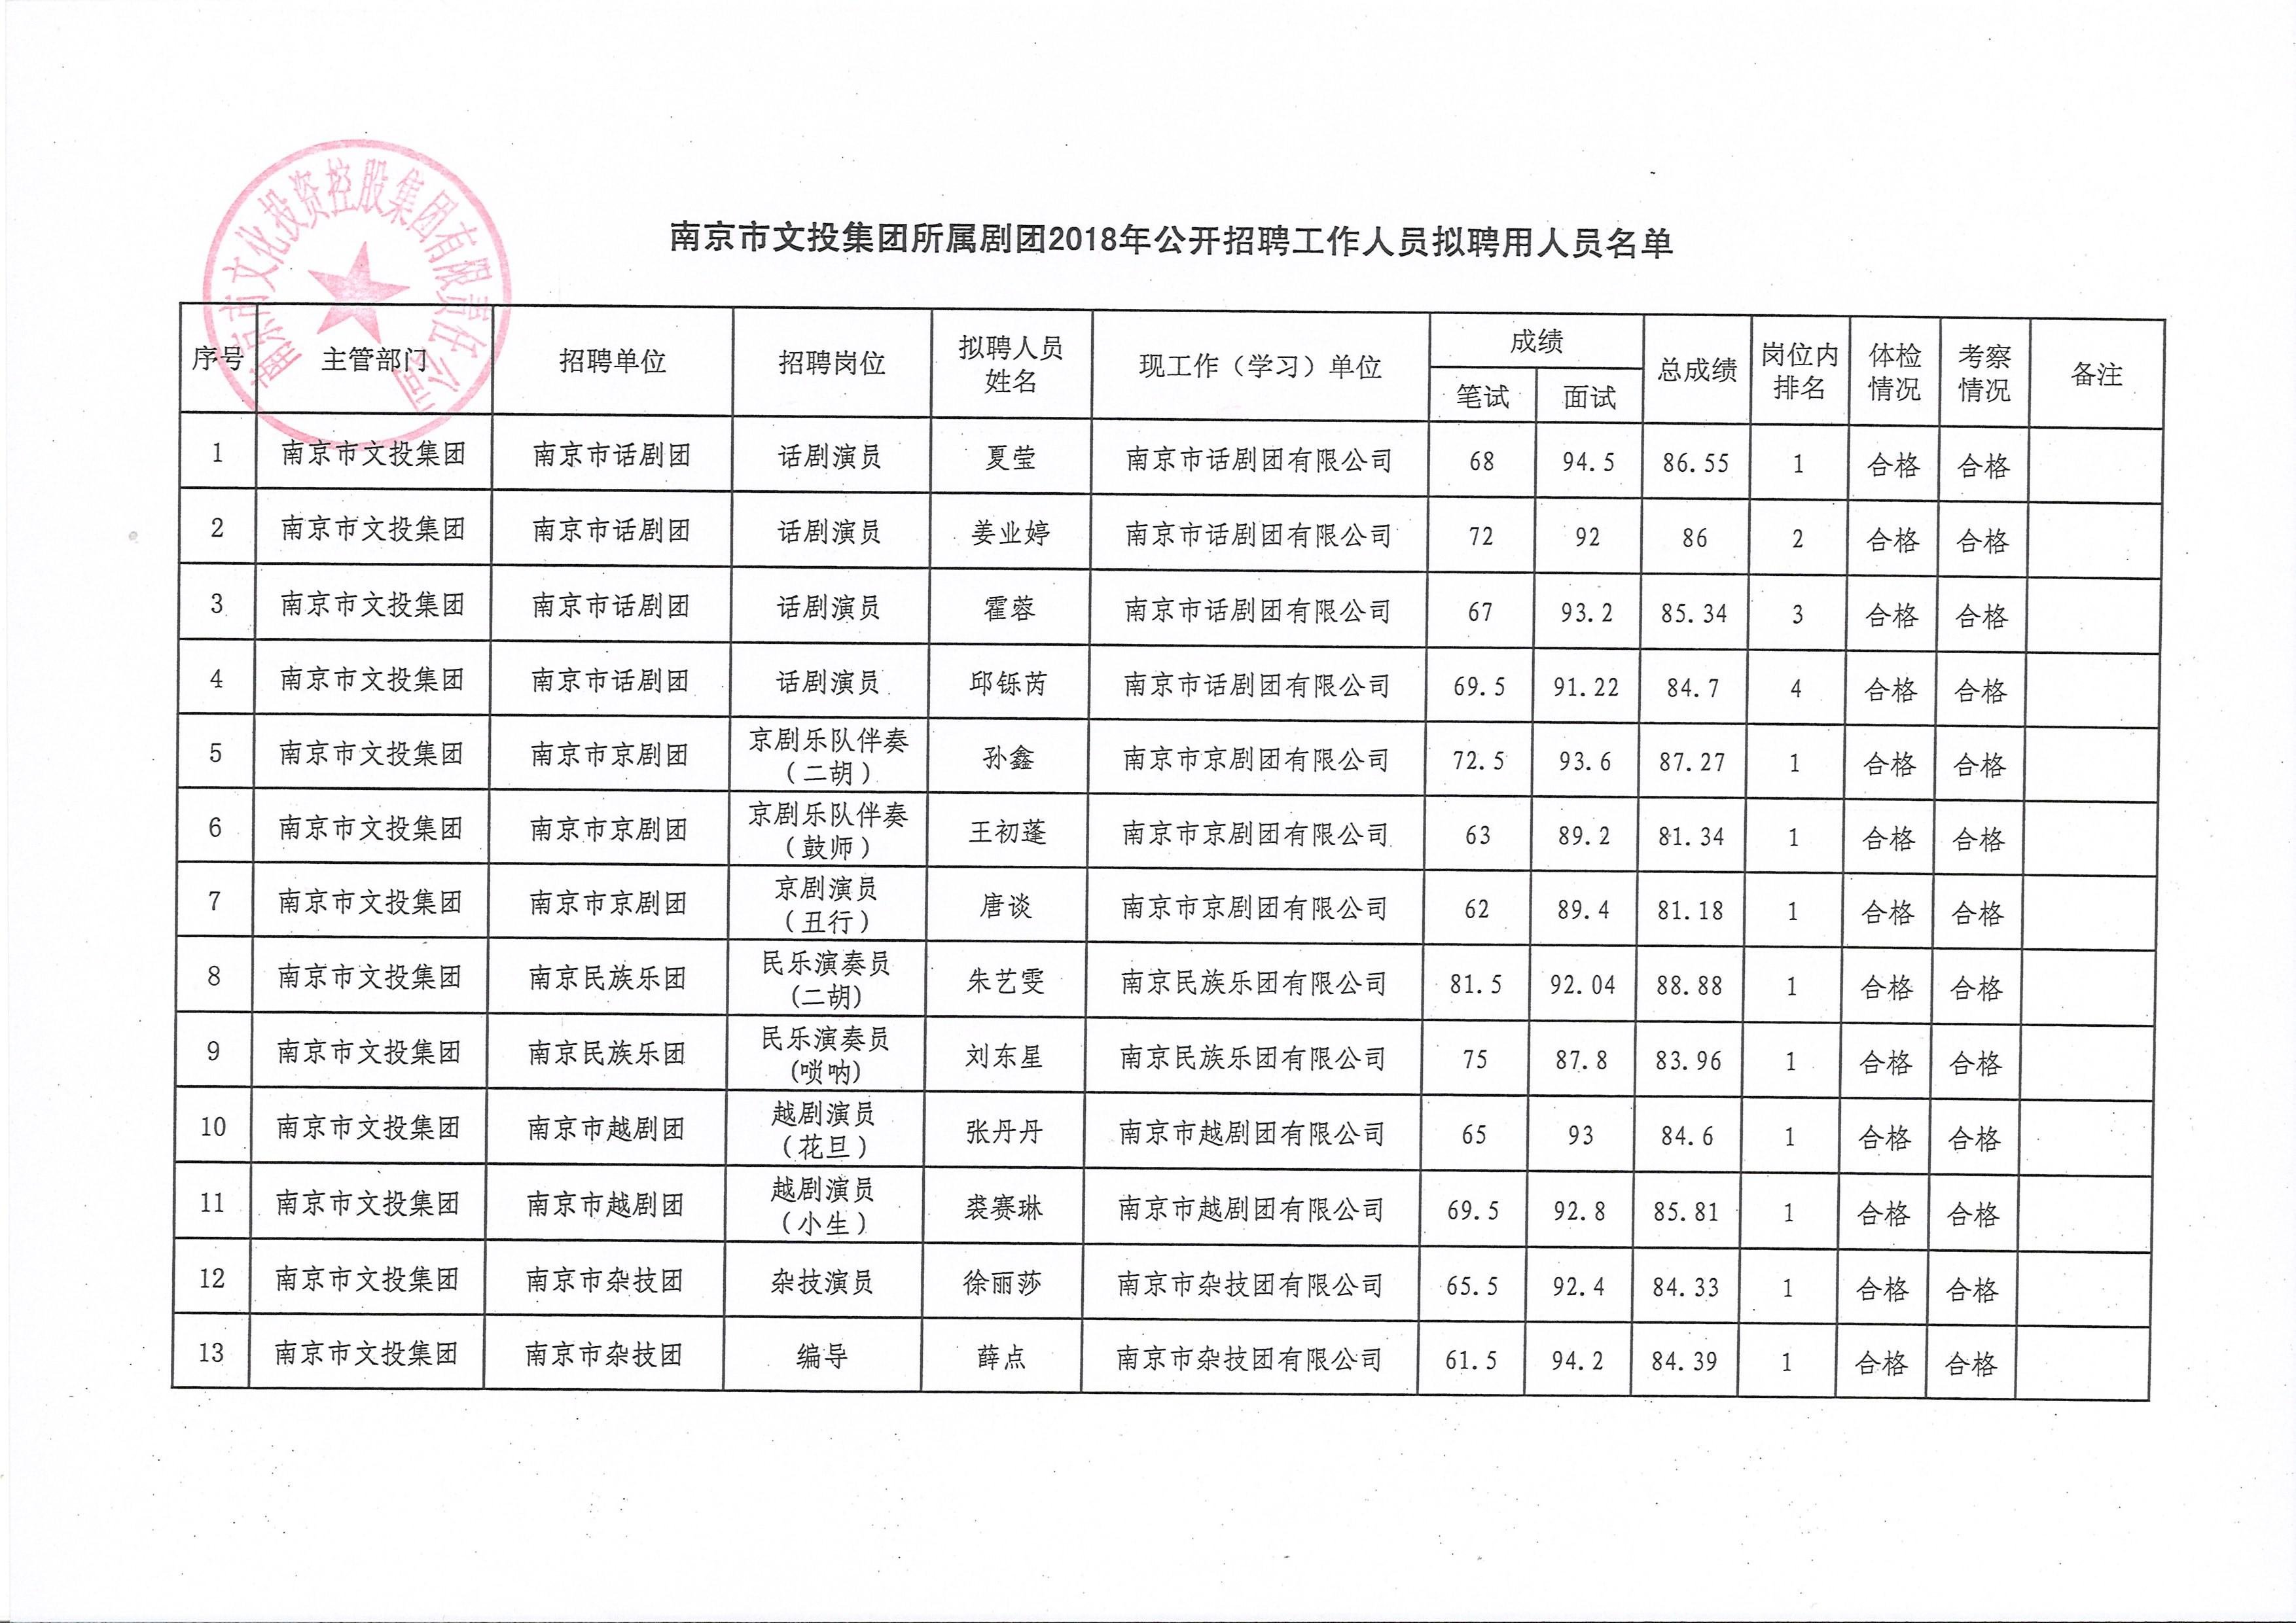 南京市文投集团所属剧团 2018年公开招聘工作人员拟聘用人员名单